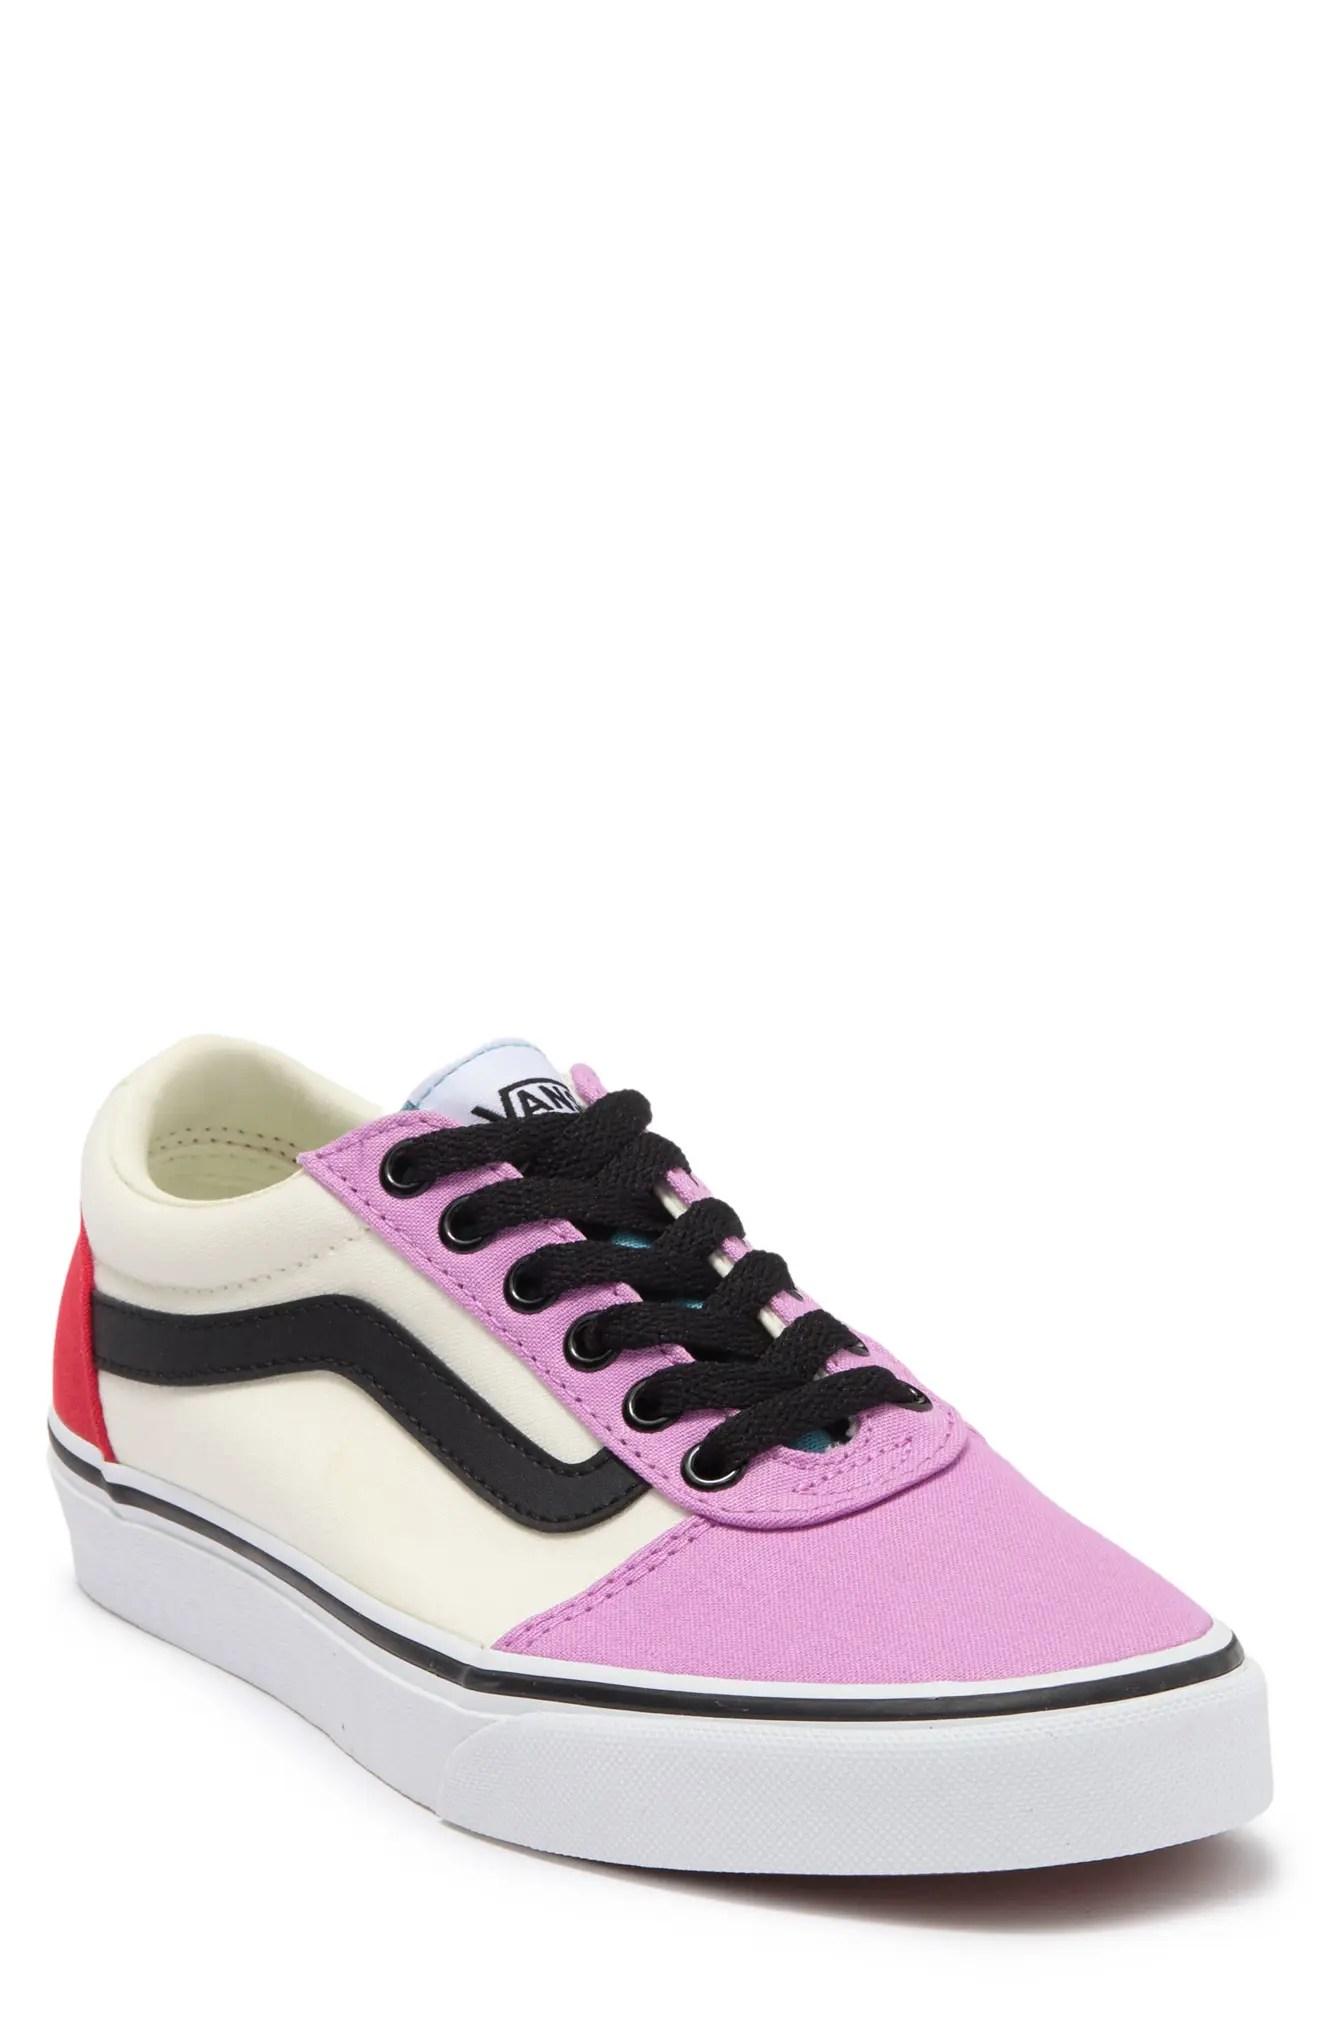 vans sneakers for women nordstrom rack